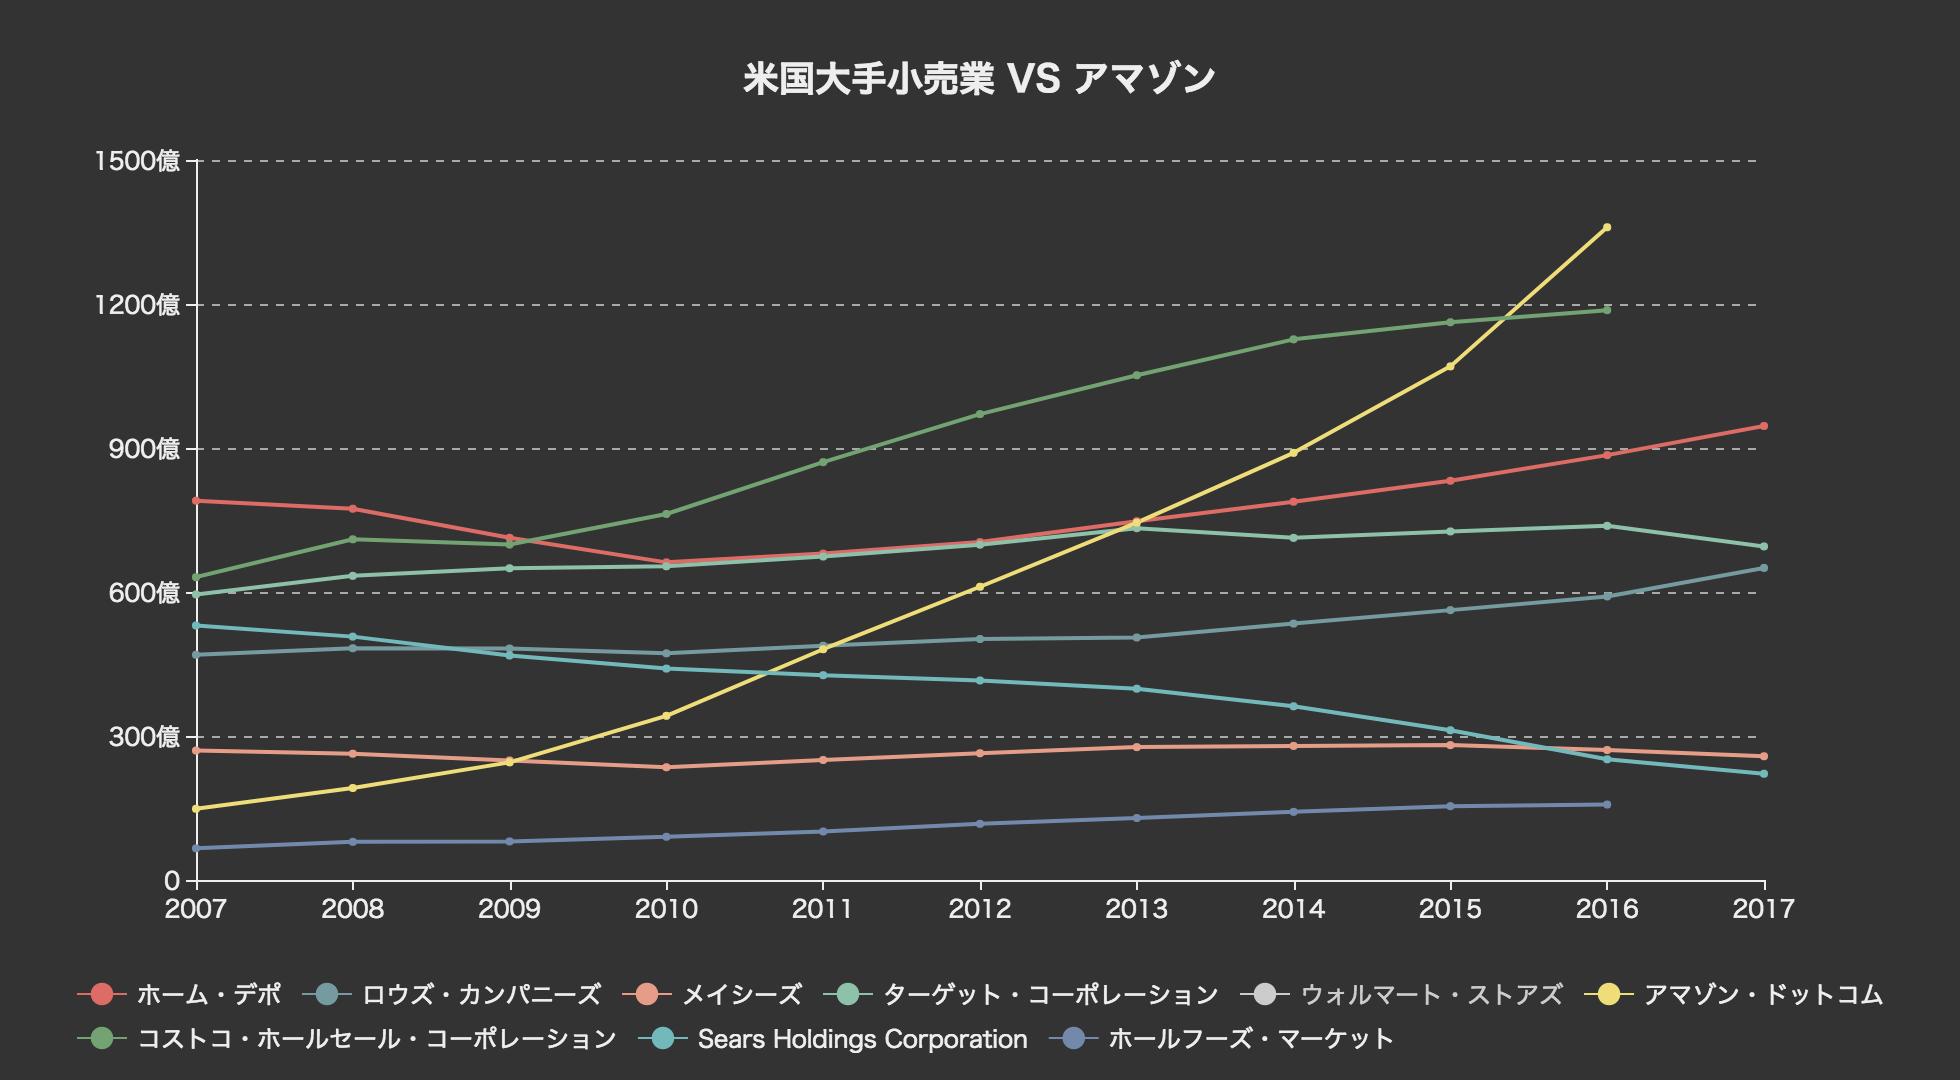 世界のEC企業トップ5の流通総額を比較